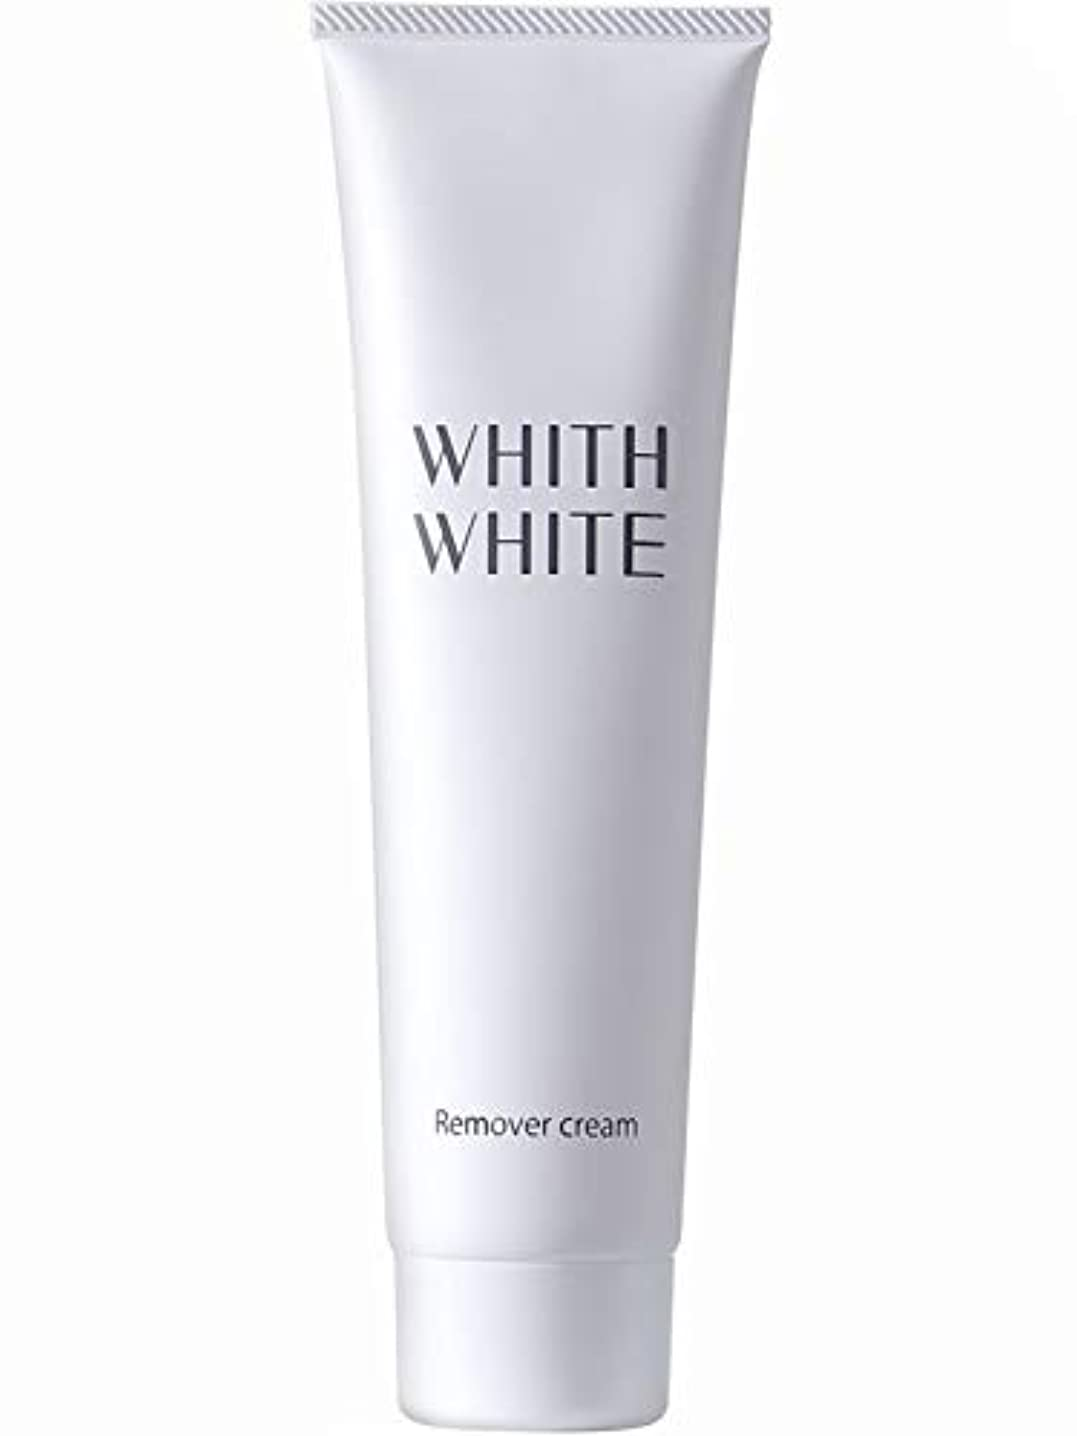 ひも下向き兄弟愛【医薬部外品】 WHITH WHITE(フィス ホワイト) 除毛クリーム 150g 陰部 使用可能